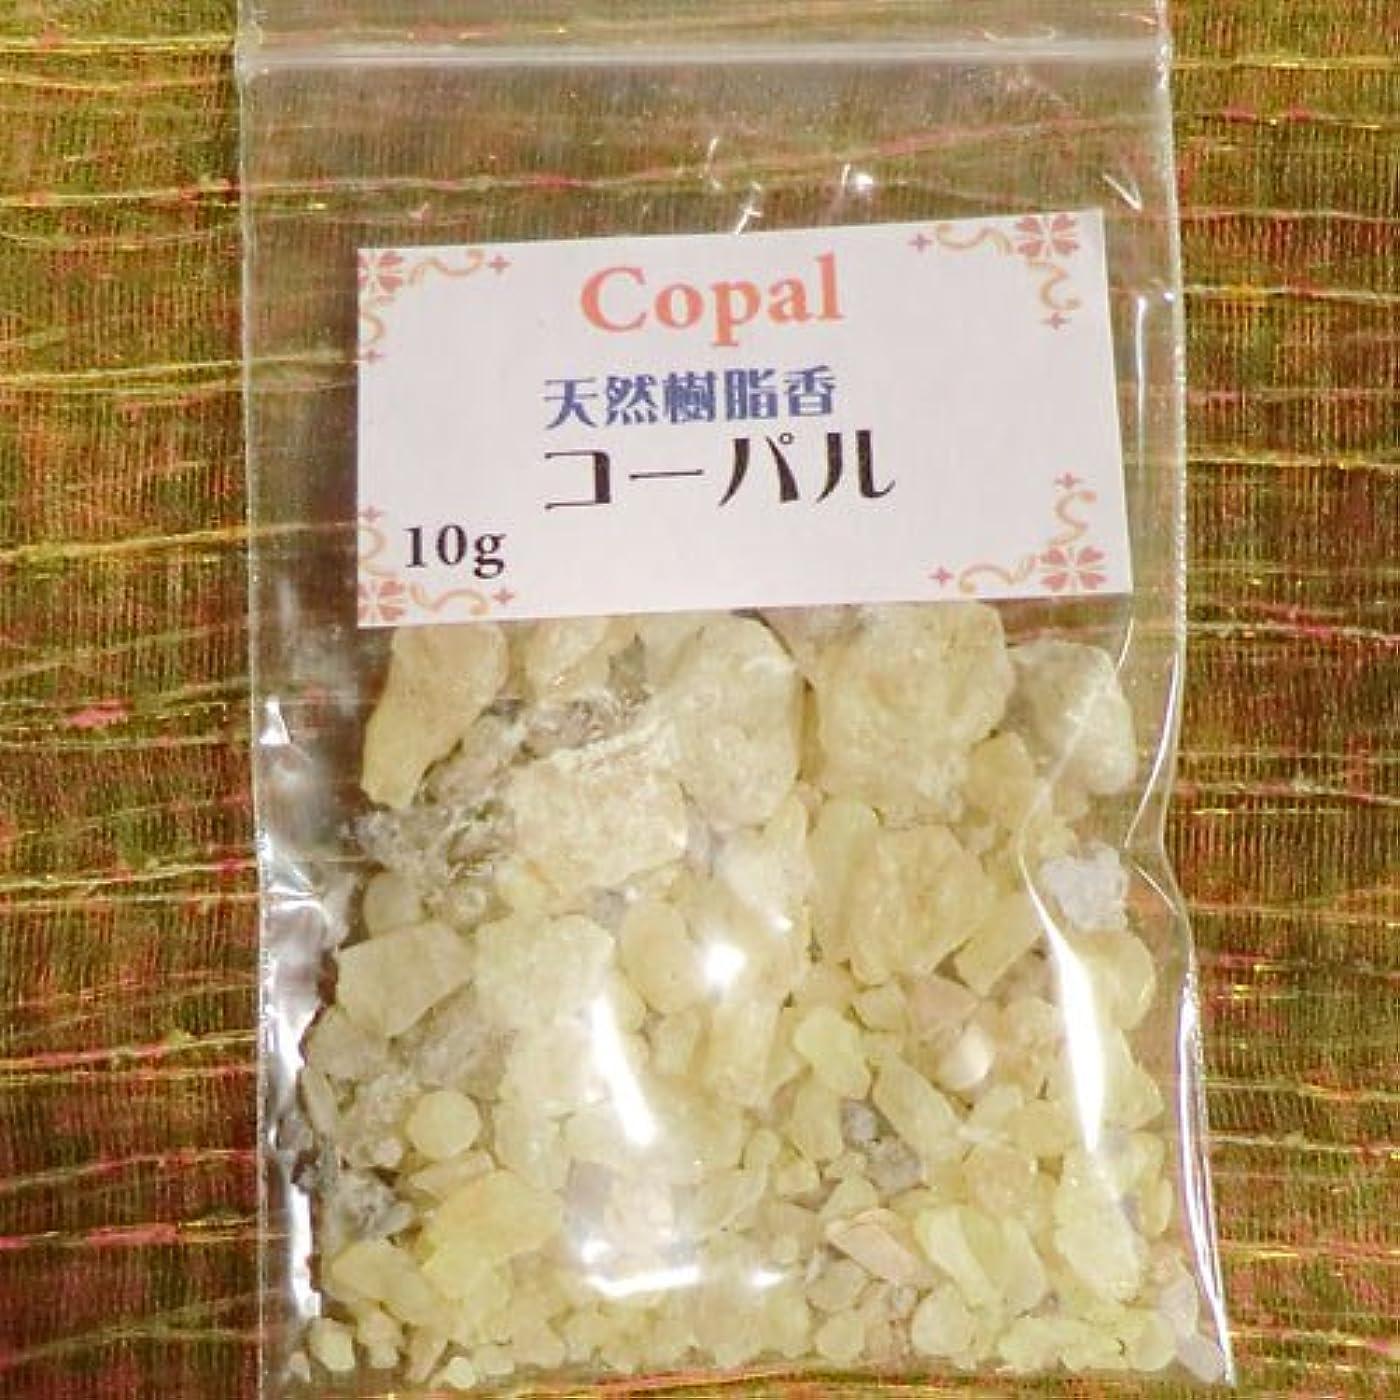 剥離仕様深遠コーパル COPAL (天然樹脂香) (コーパル, 10g)